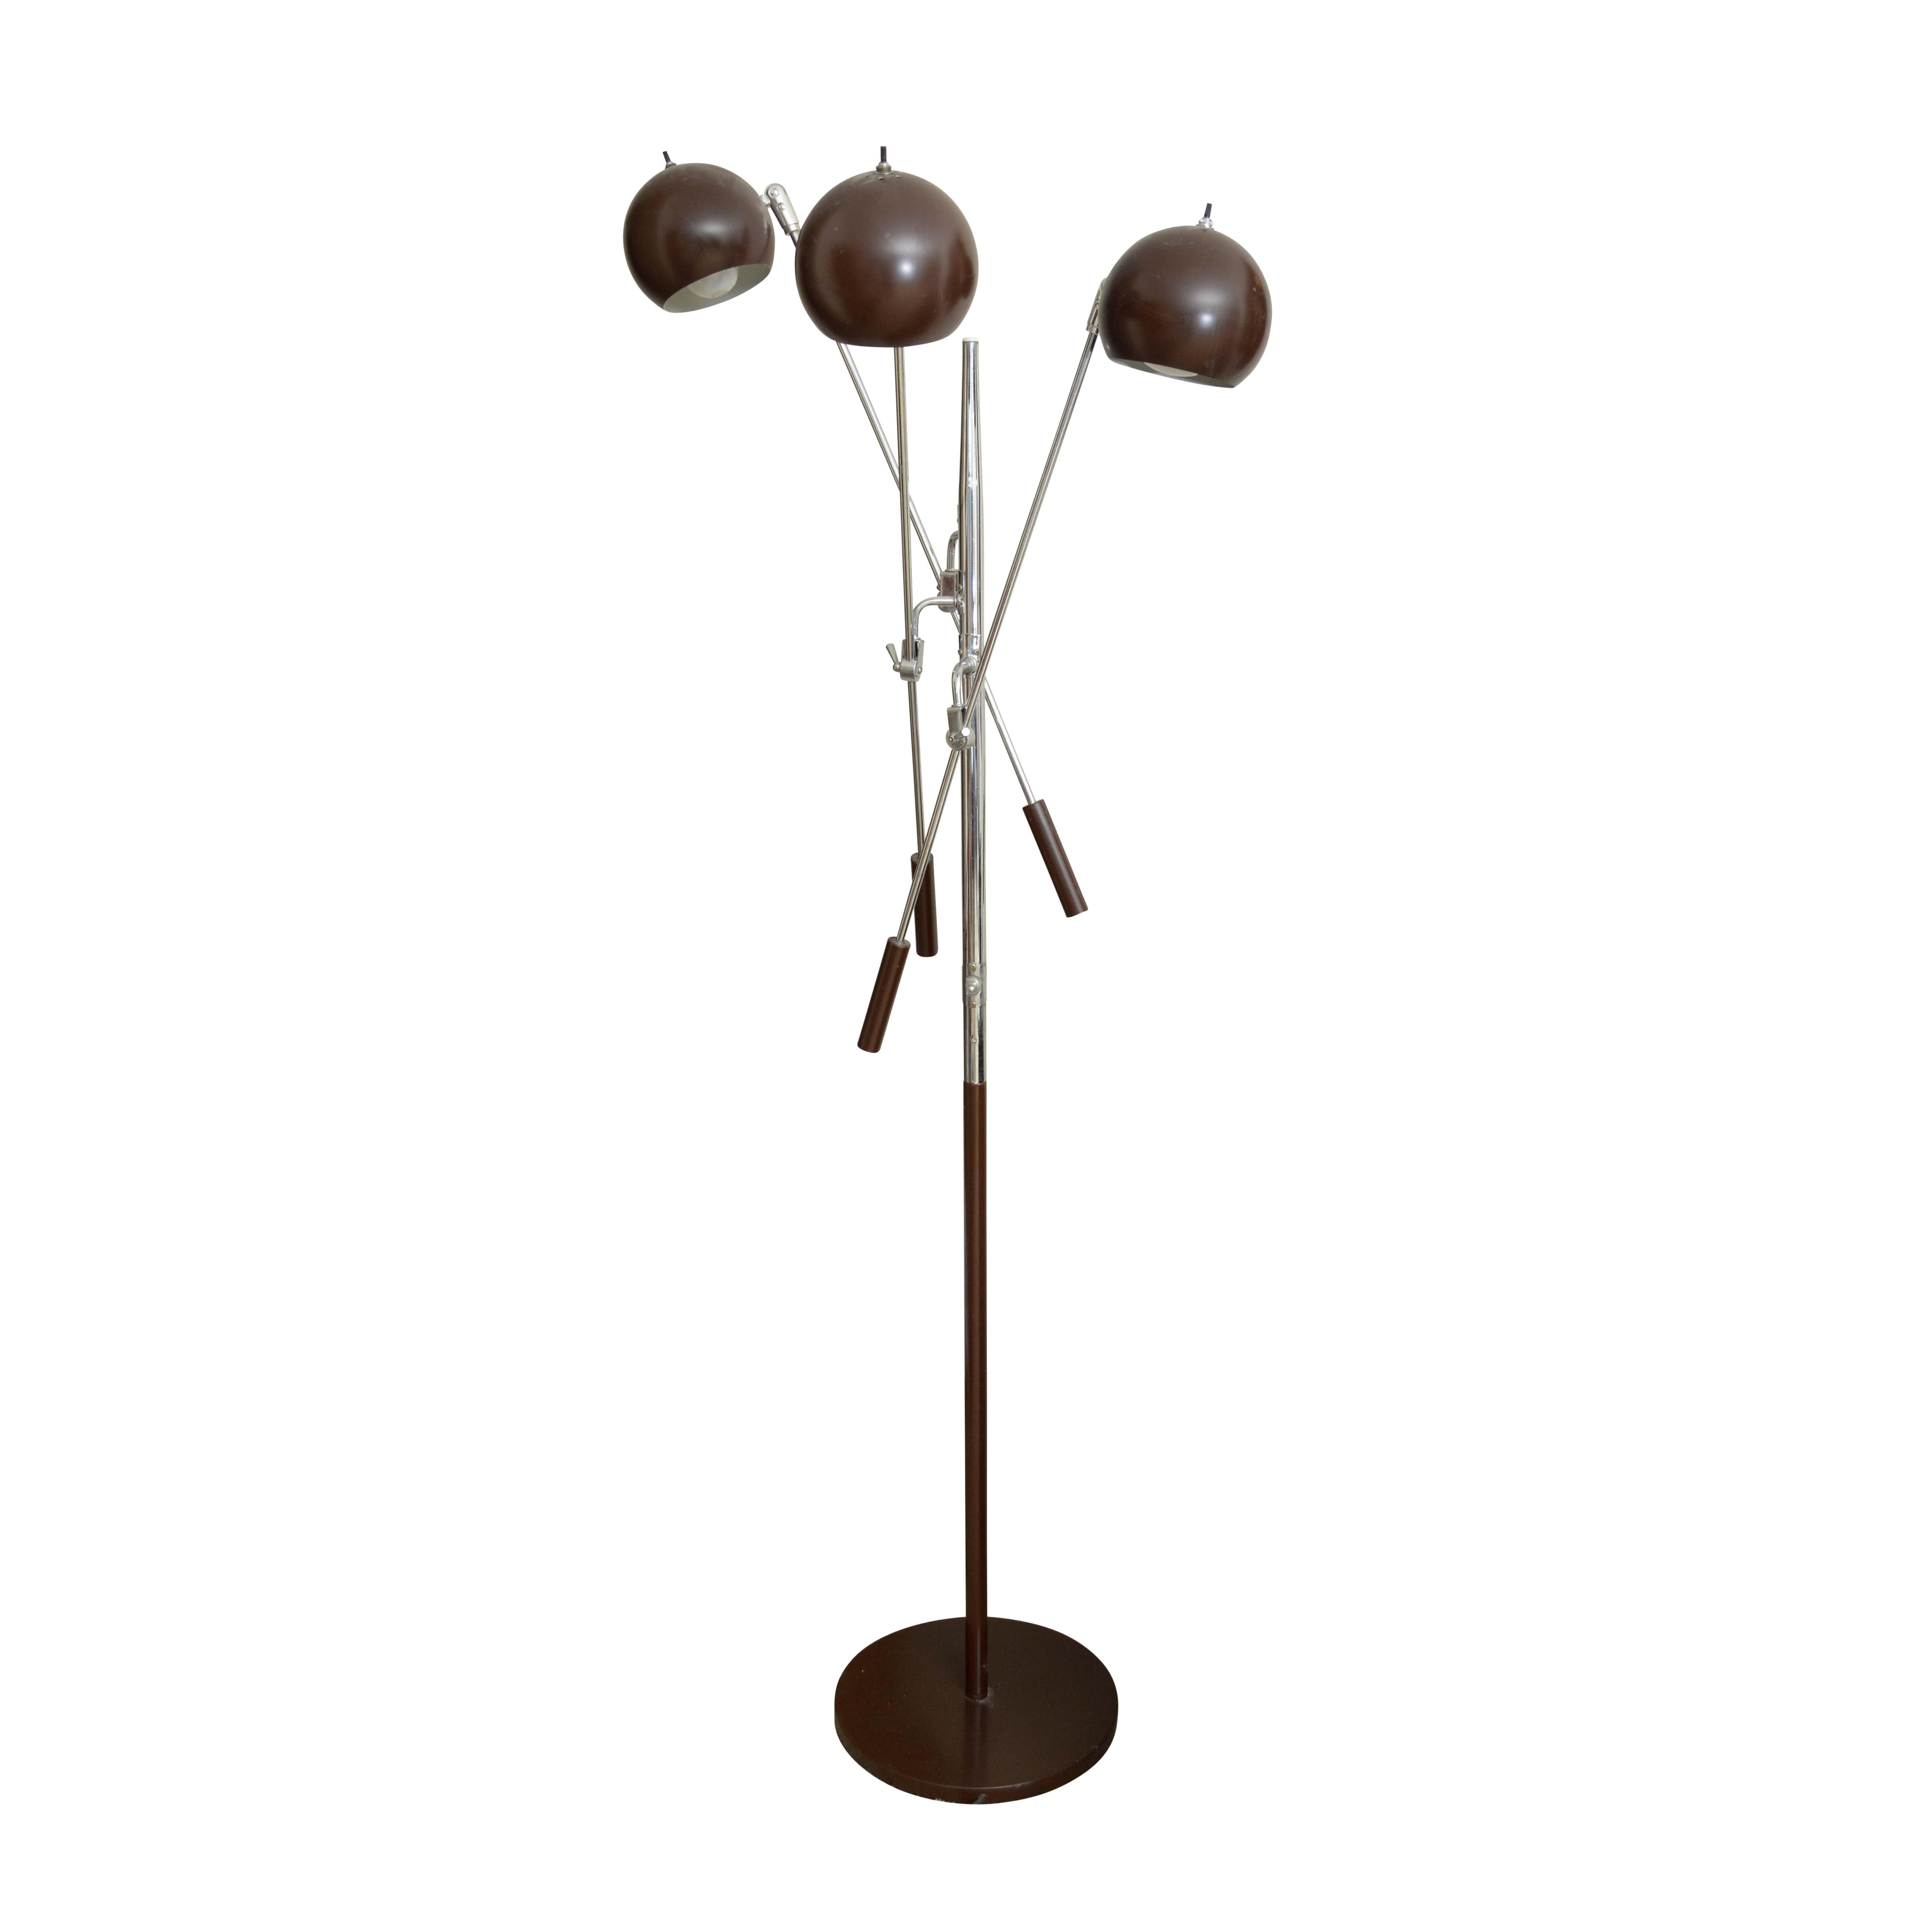 Mid-Century Style Three Arm Adjustable Eyeball Floor Lamp